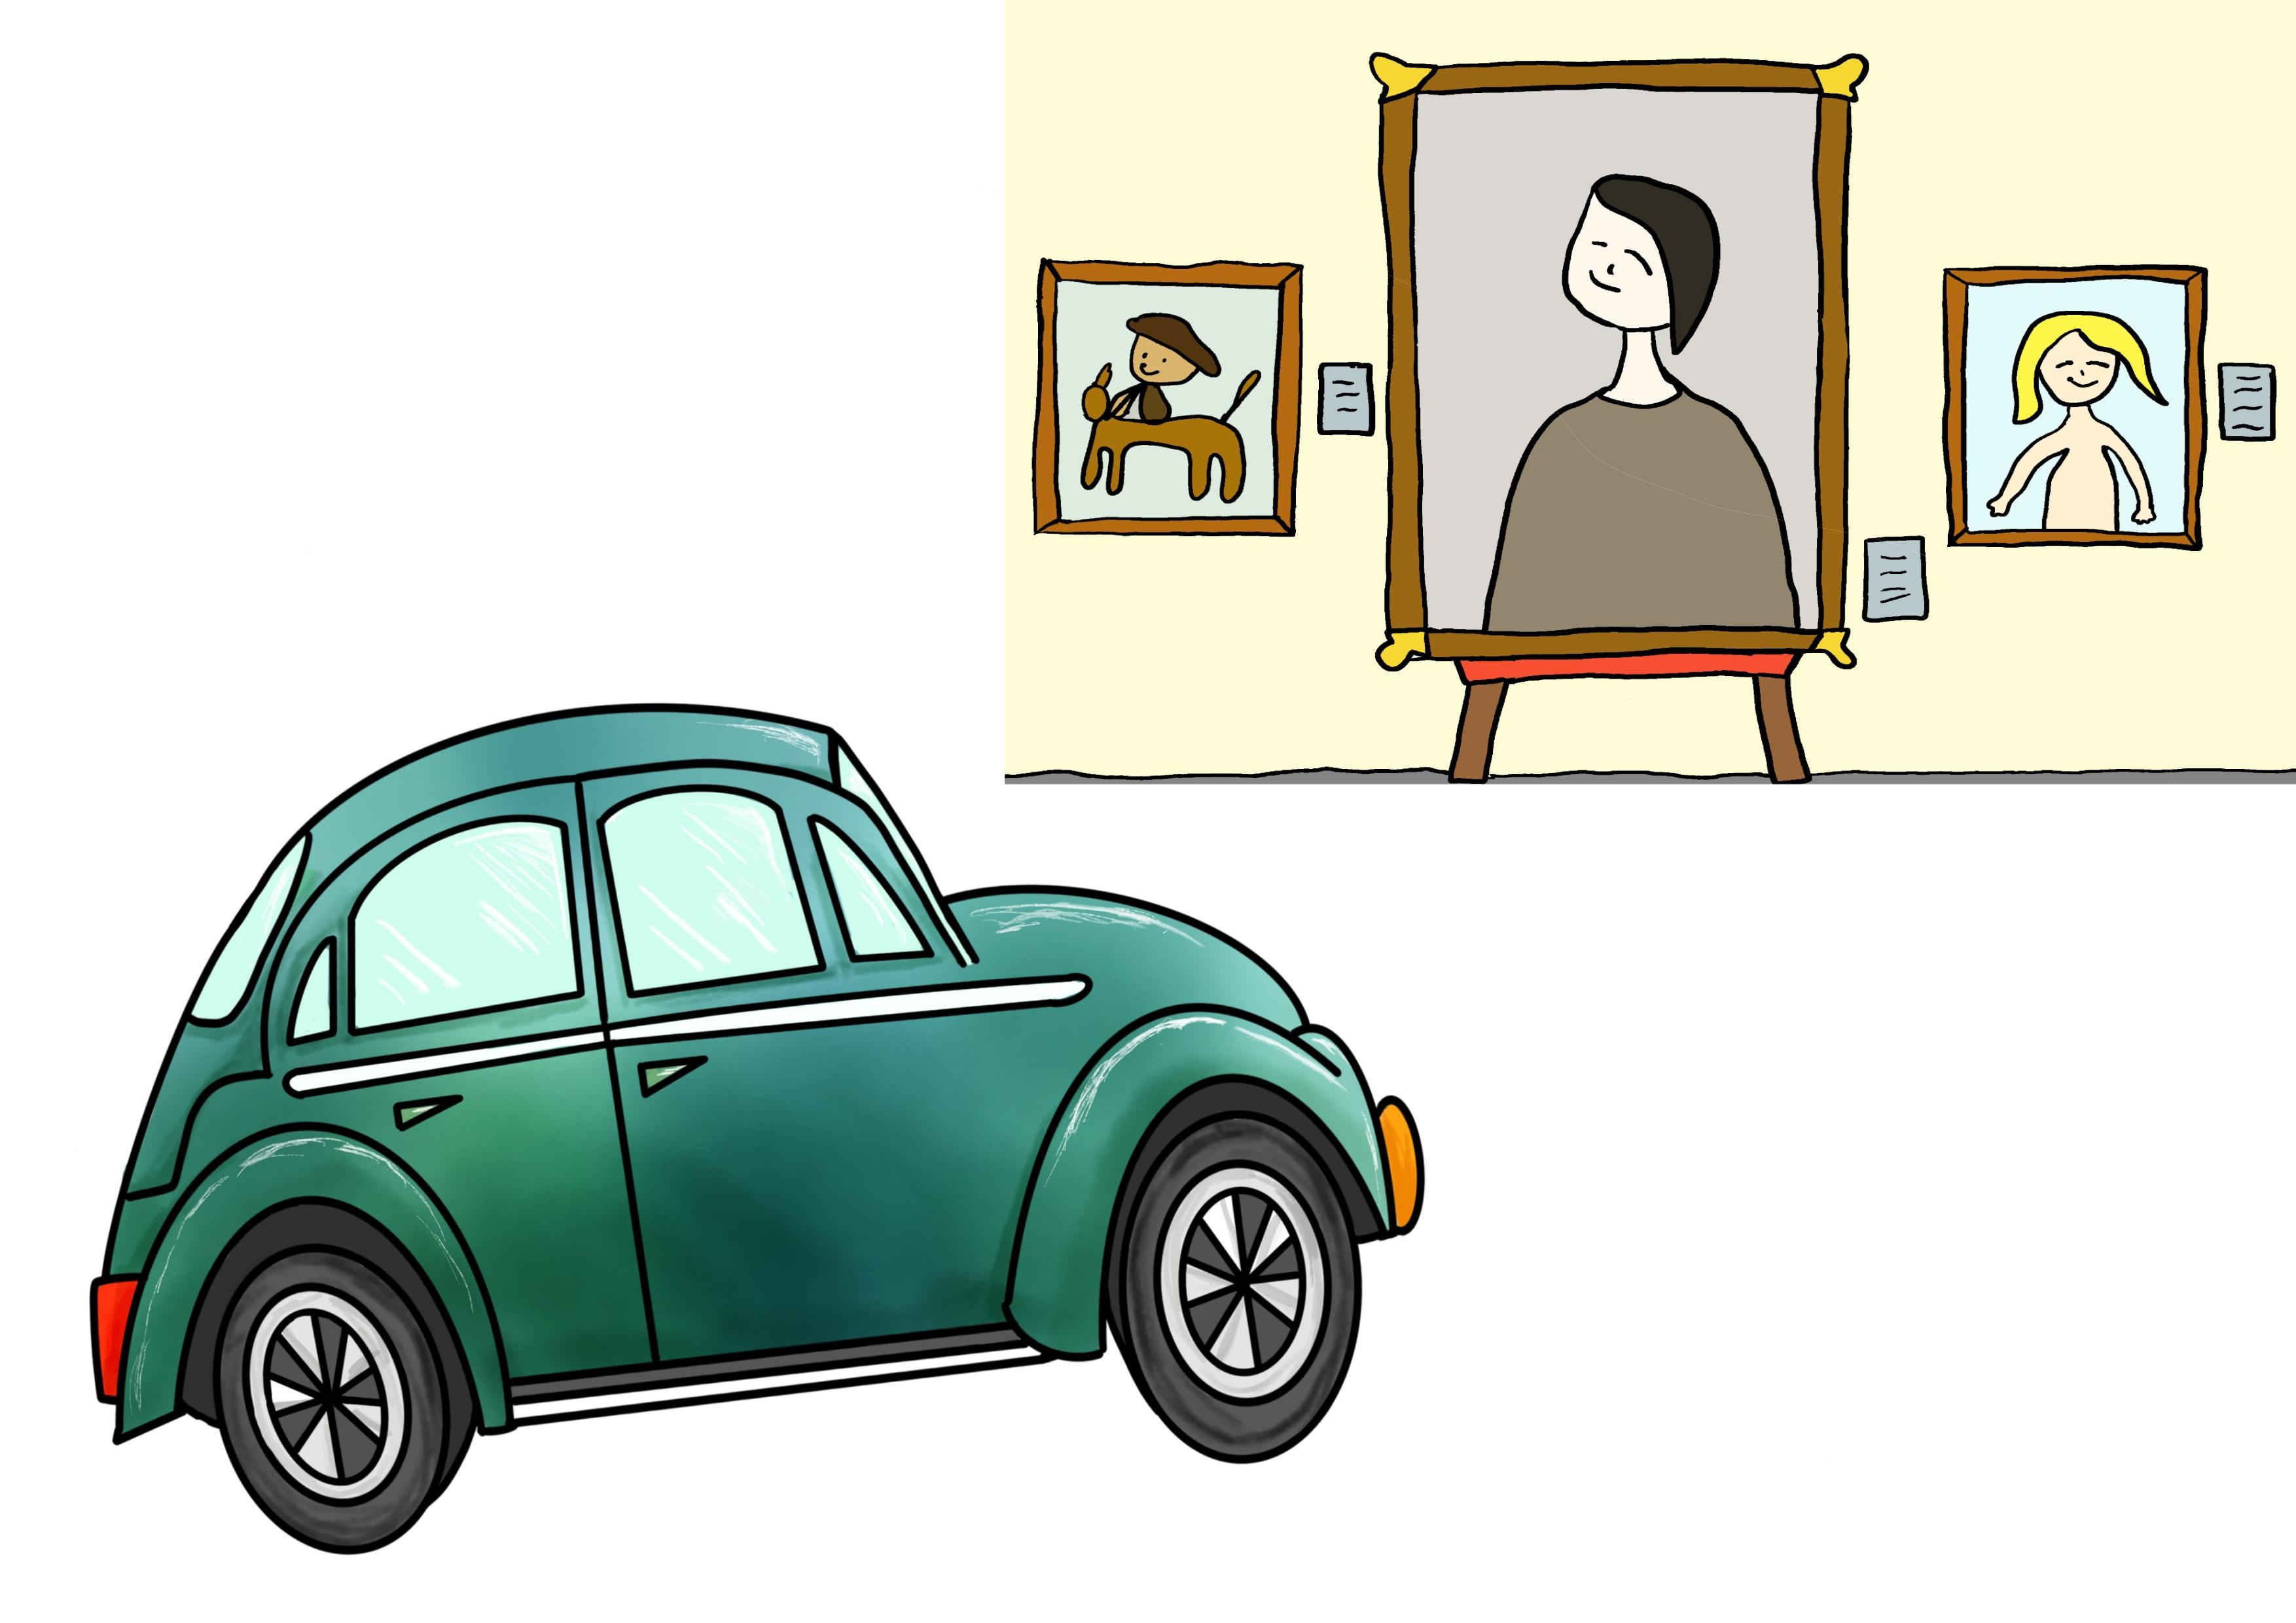 5課イラスト【車で美術館へ行きます】